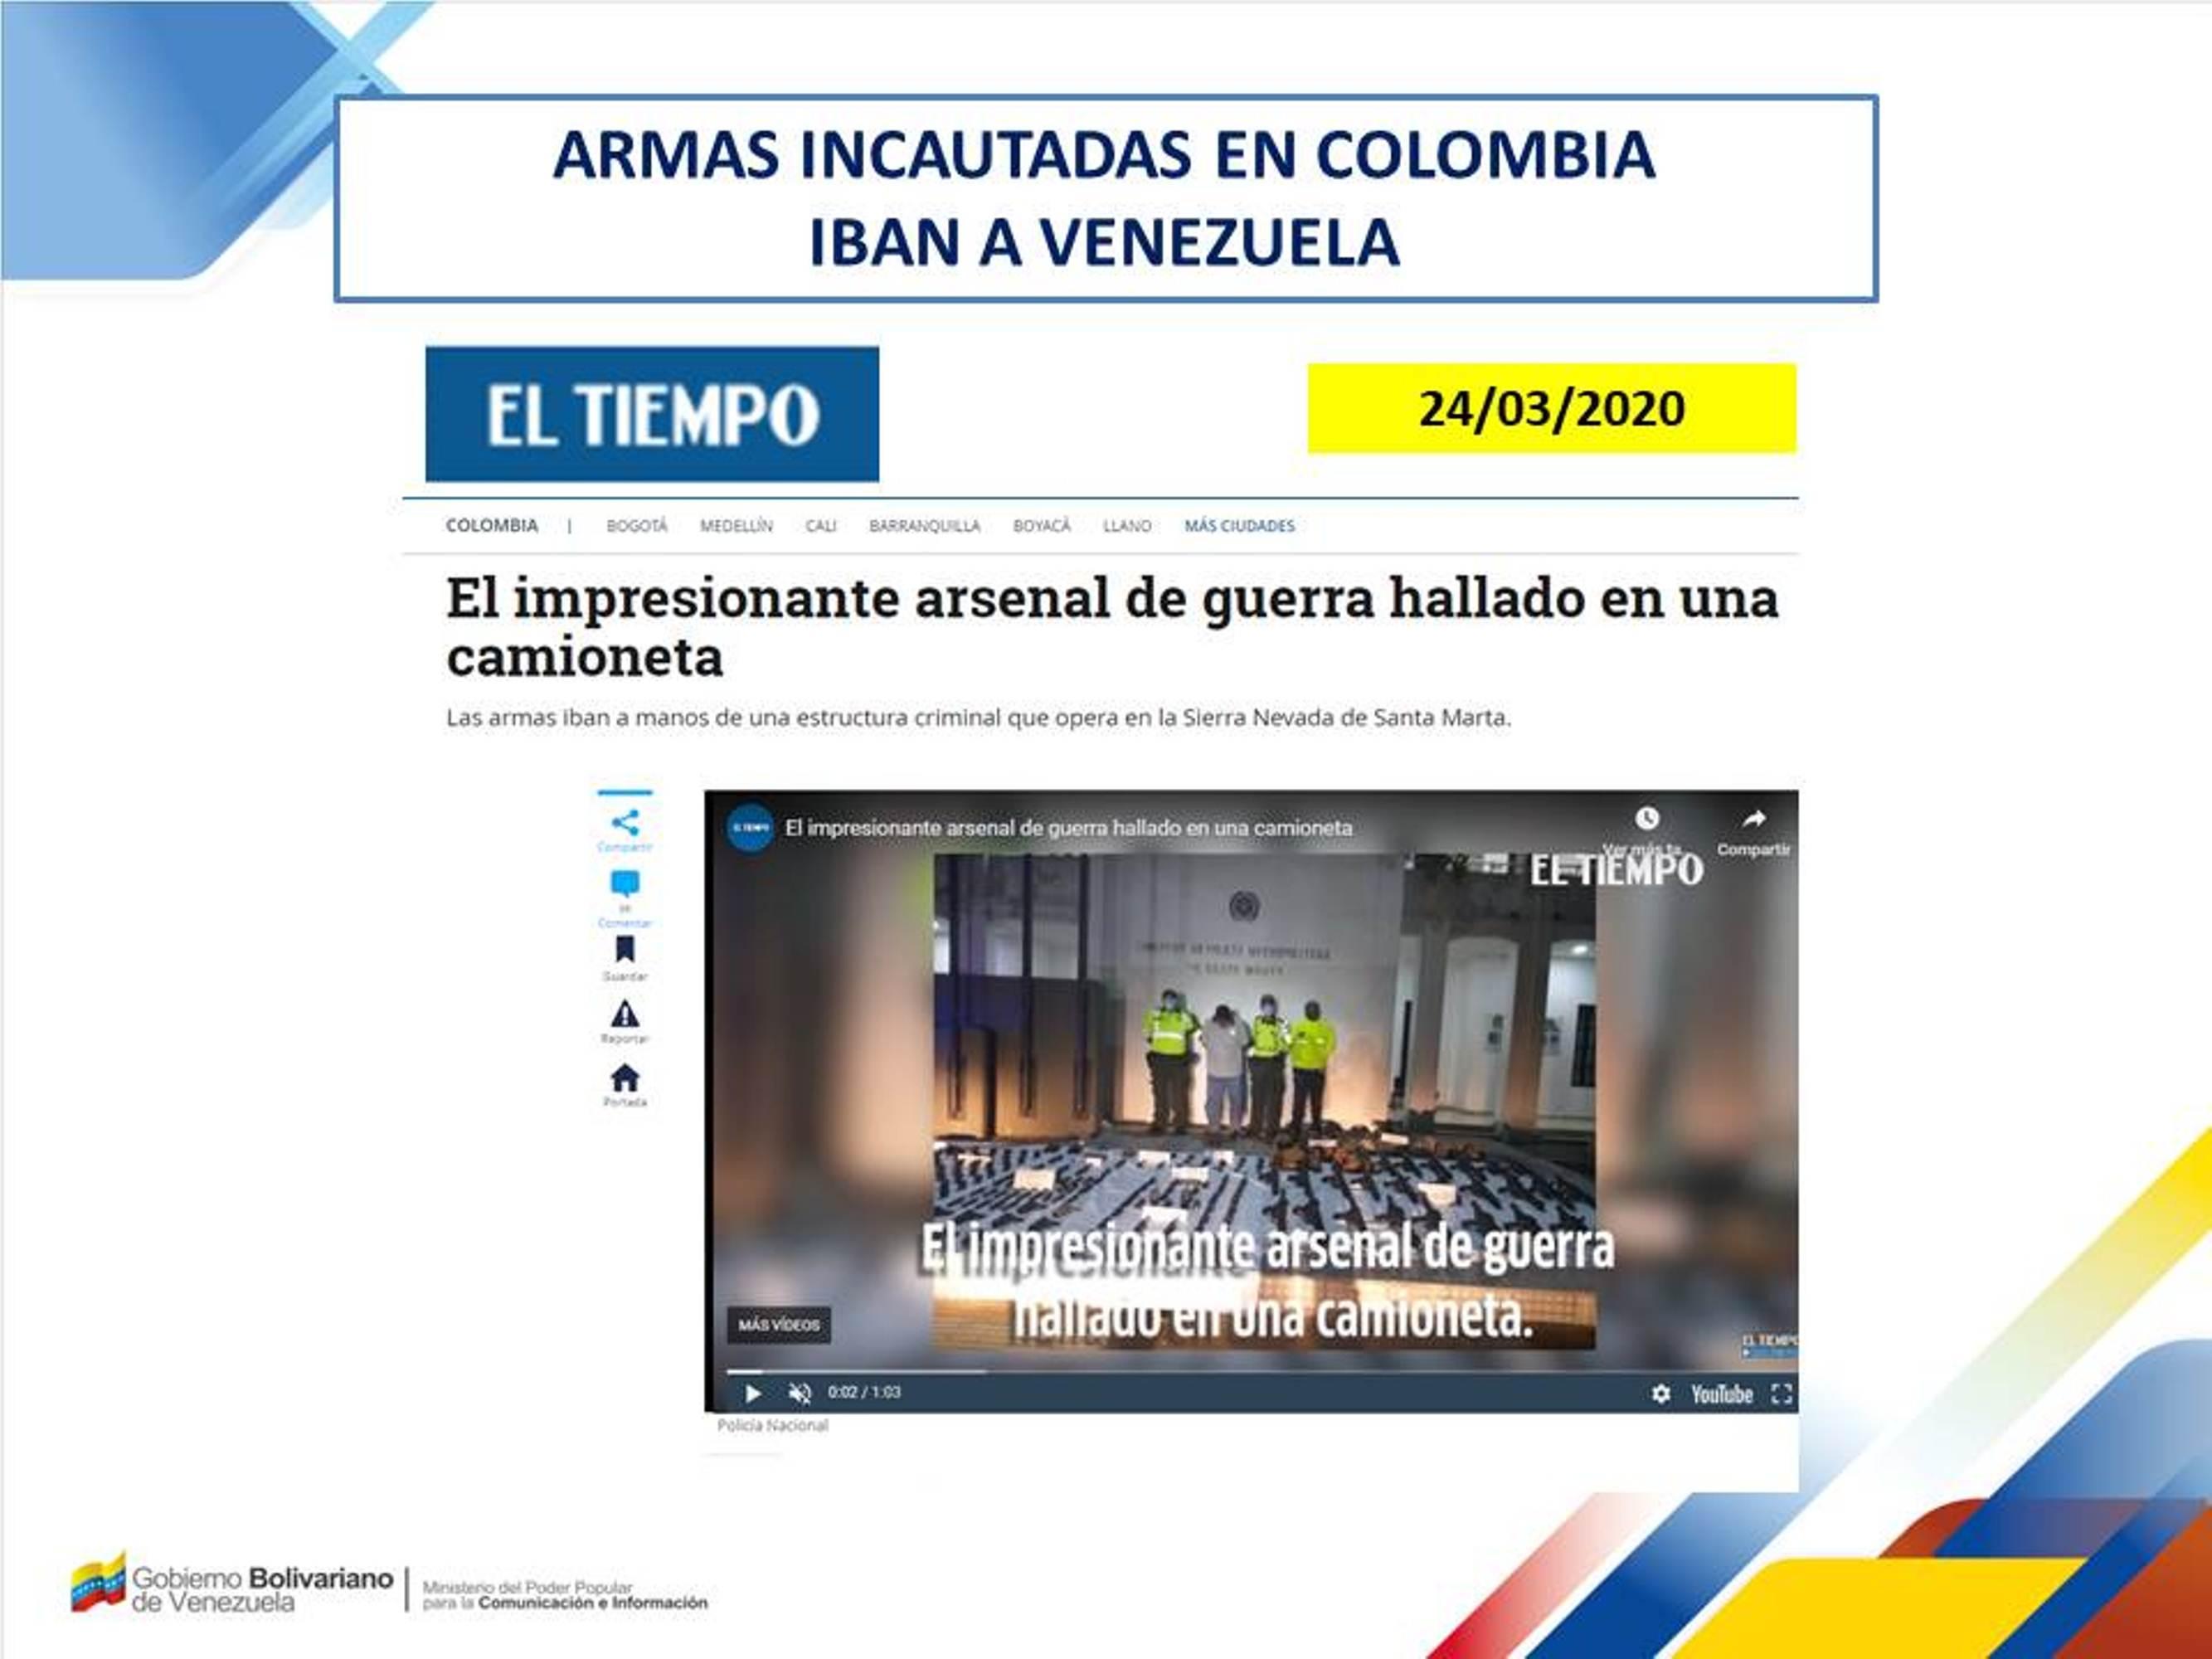 Vicepresidente Rodríguez: Solicitamos a la ONU que conmine a Colombia para que explique objetivo de grupos terroristas